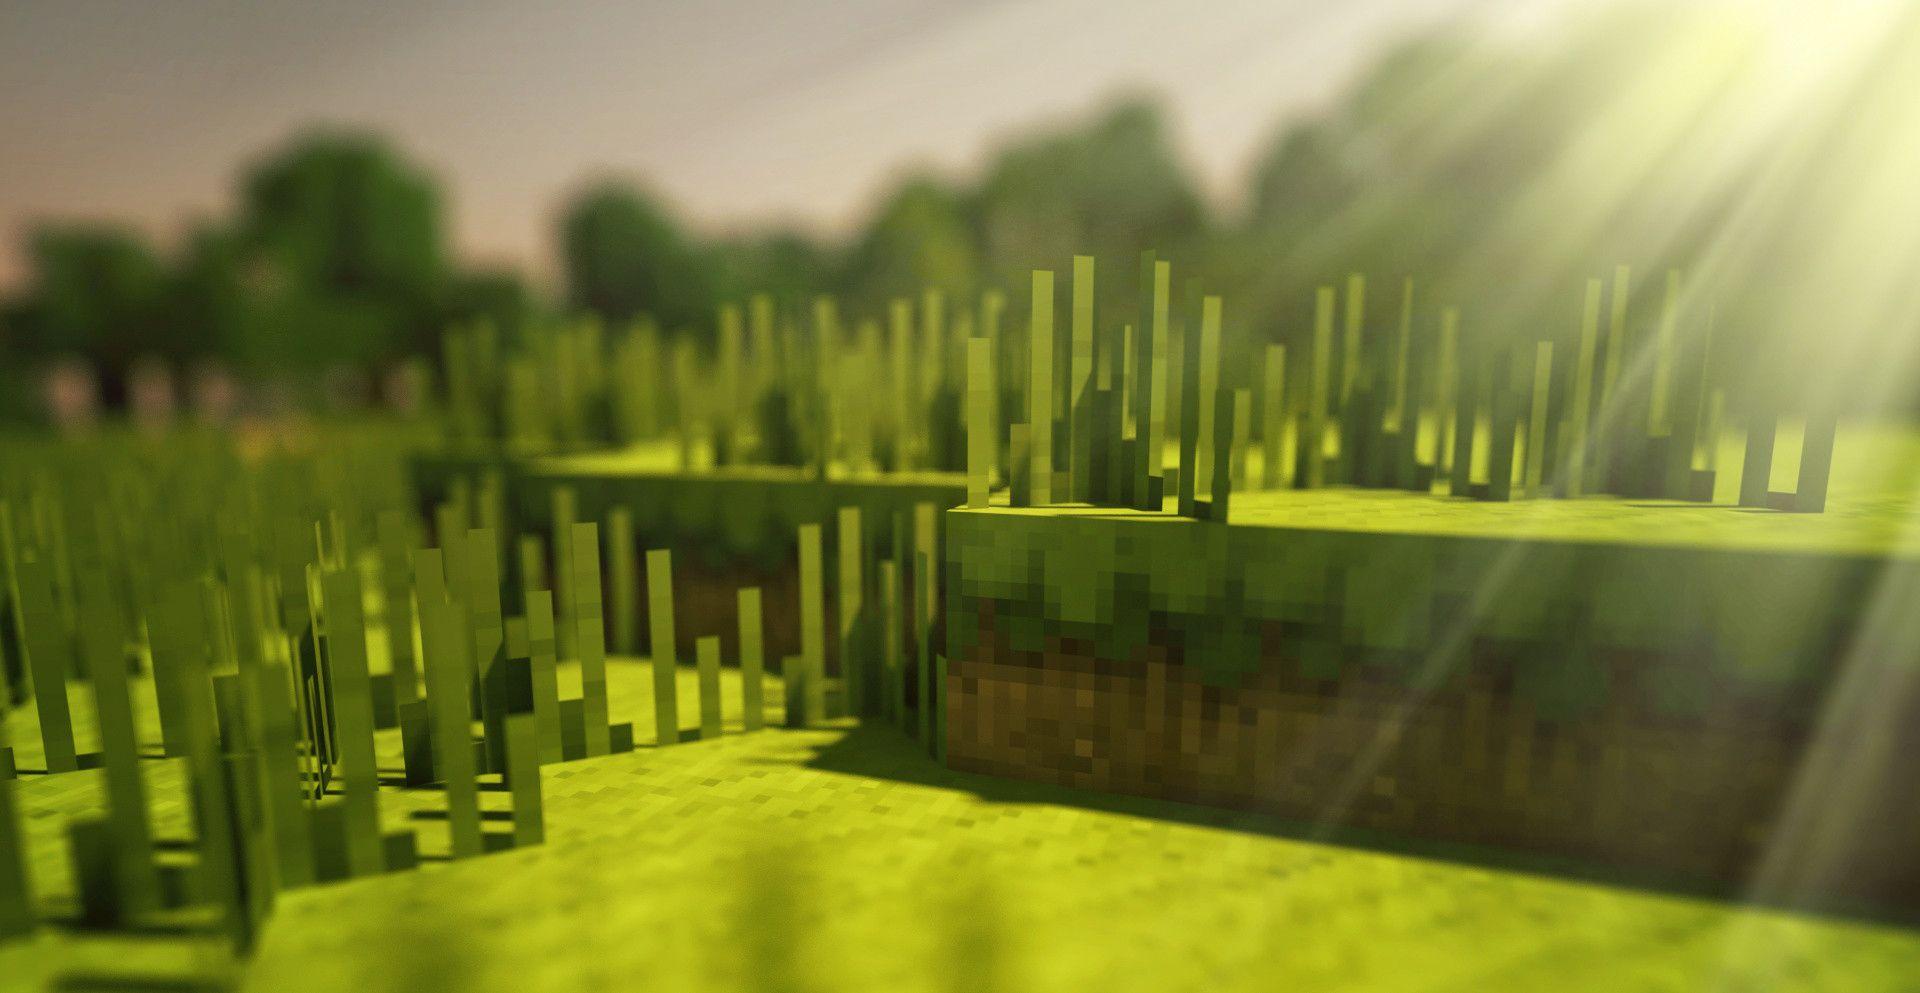 Good Wallpaper Minecraft King - 1b4b2ca4bc53ca2e9b44cd46a0be2925  HD_439783.jpg